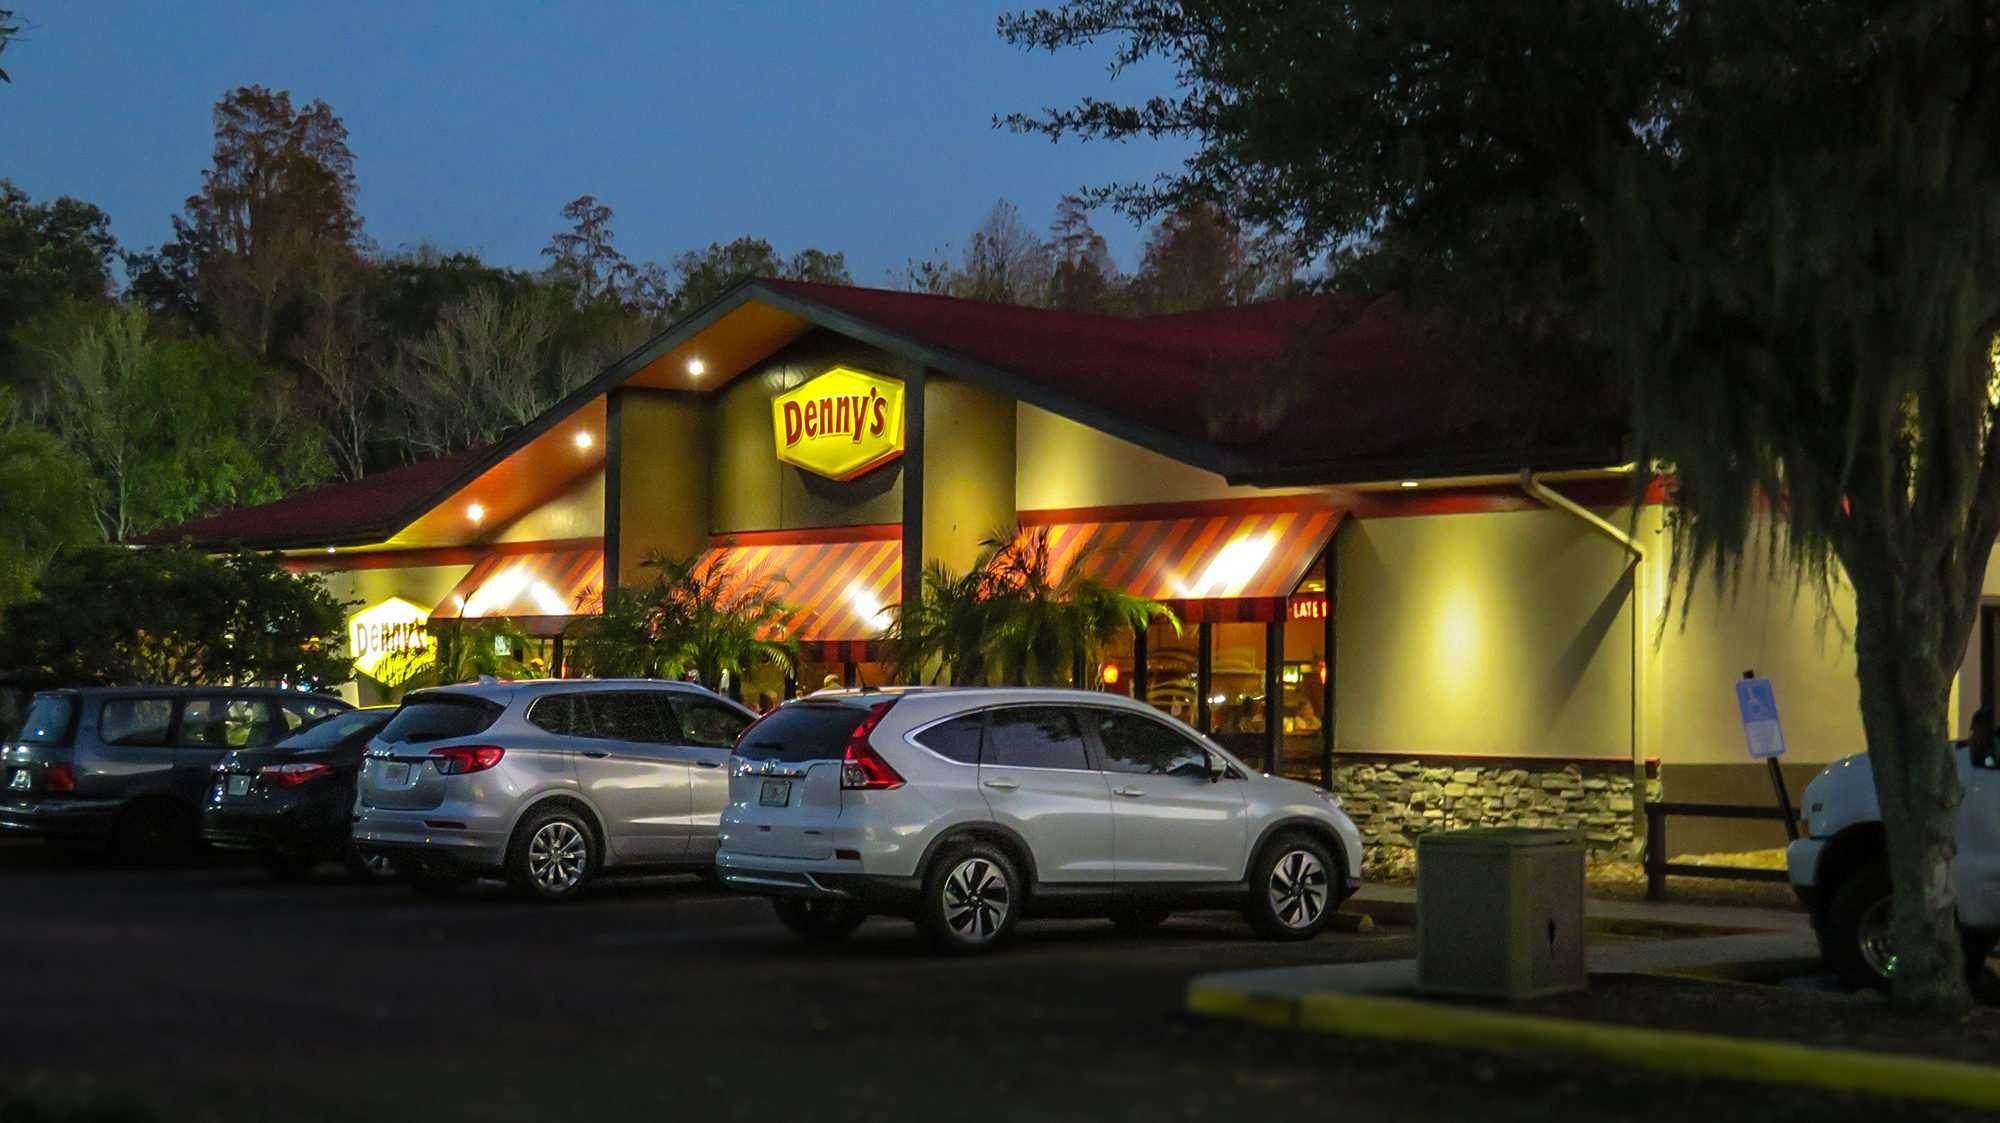 Dec 28, 2016 - Dennys Restaurant building at night, Sun City Center, FL/photonews247.com